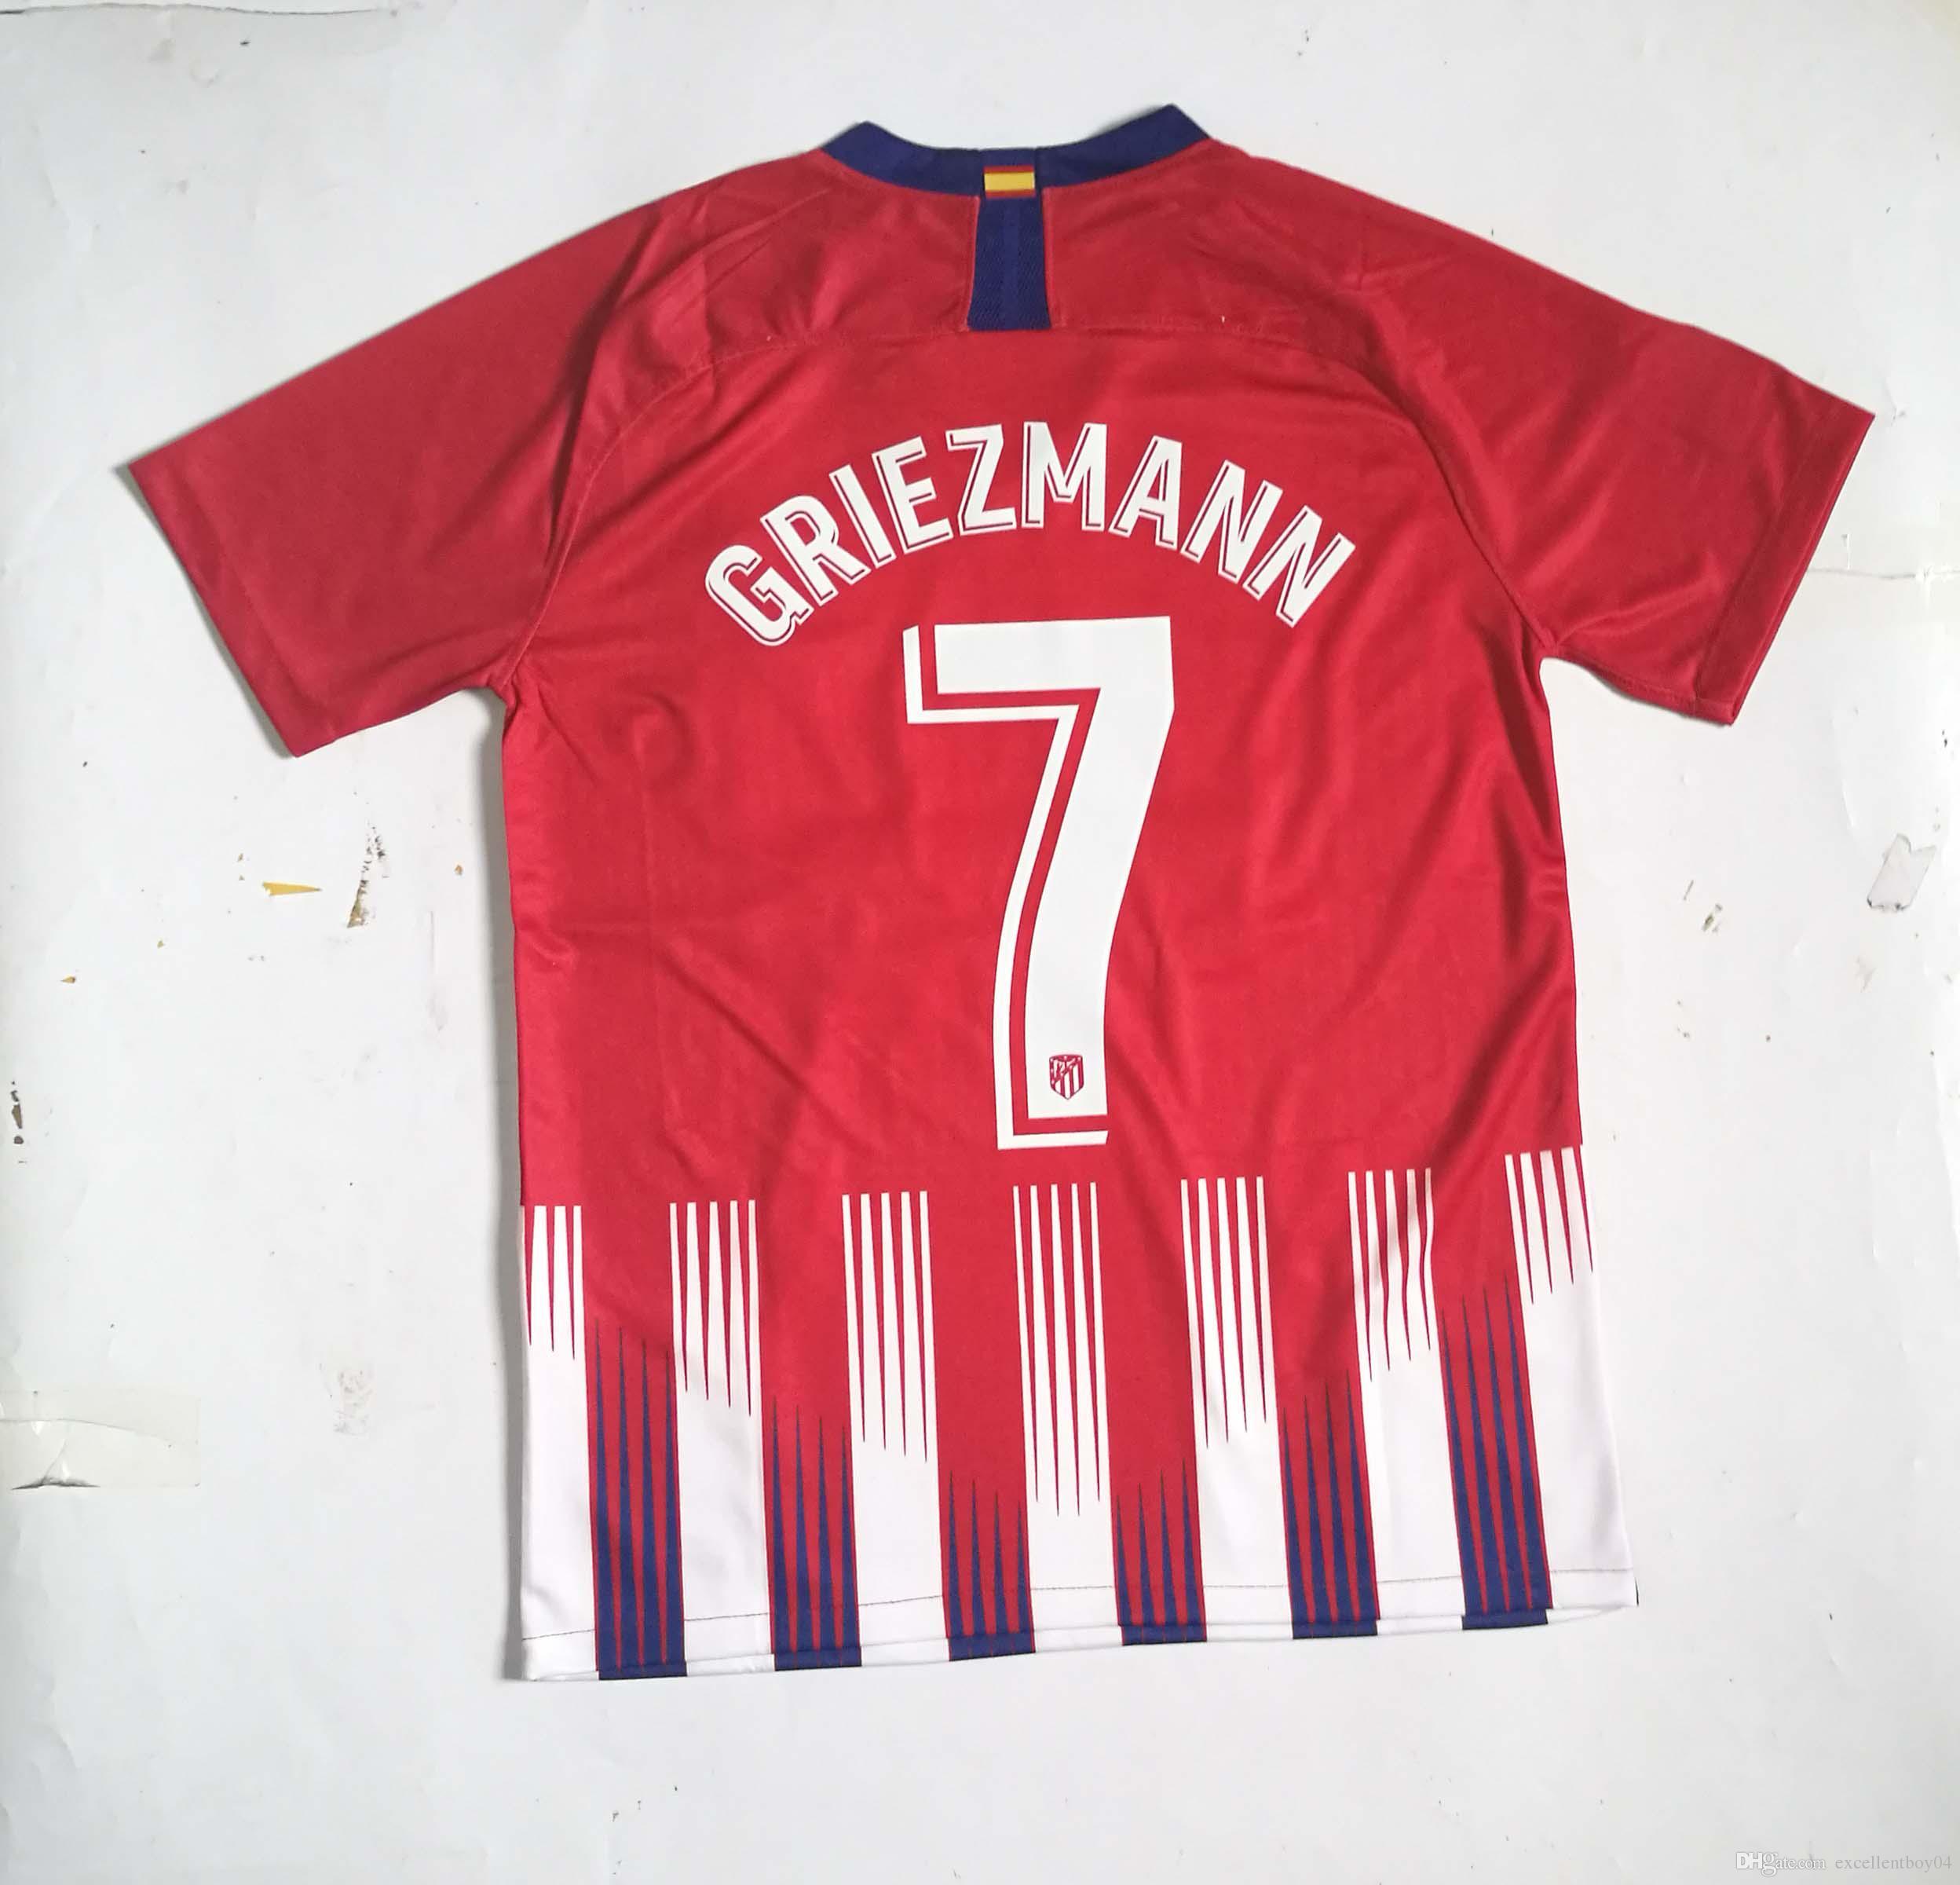 01d2678d7 18 19 7  GRIEZMANN Soccer Jerseys Home Men s Color Red Shirt Size S-XL  7  GRIEZMANN Football Uniforms 2018 2019 GRIEZMANN GRIEZMANN Jersey GRIEZMANN  Shirt .